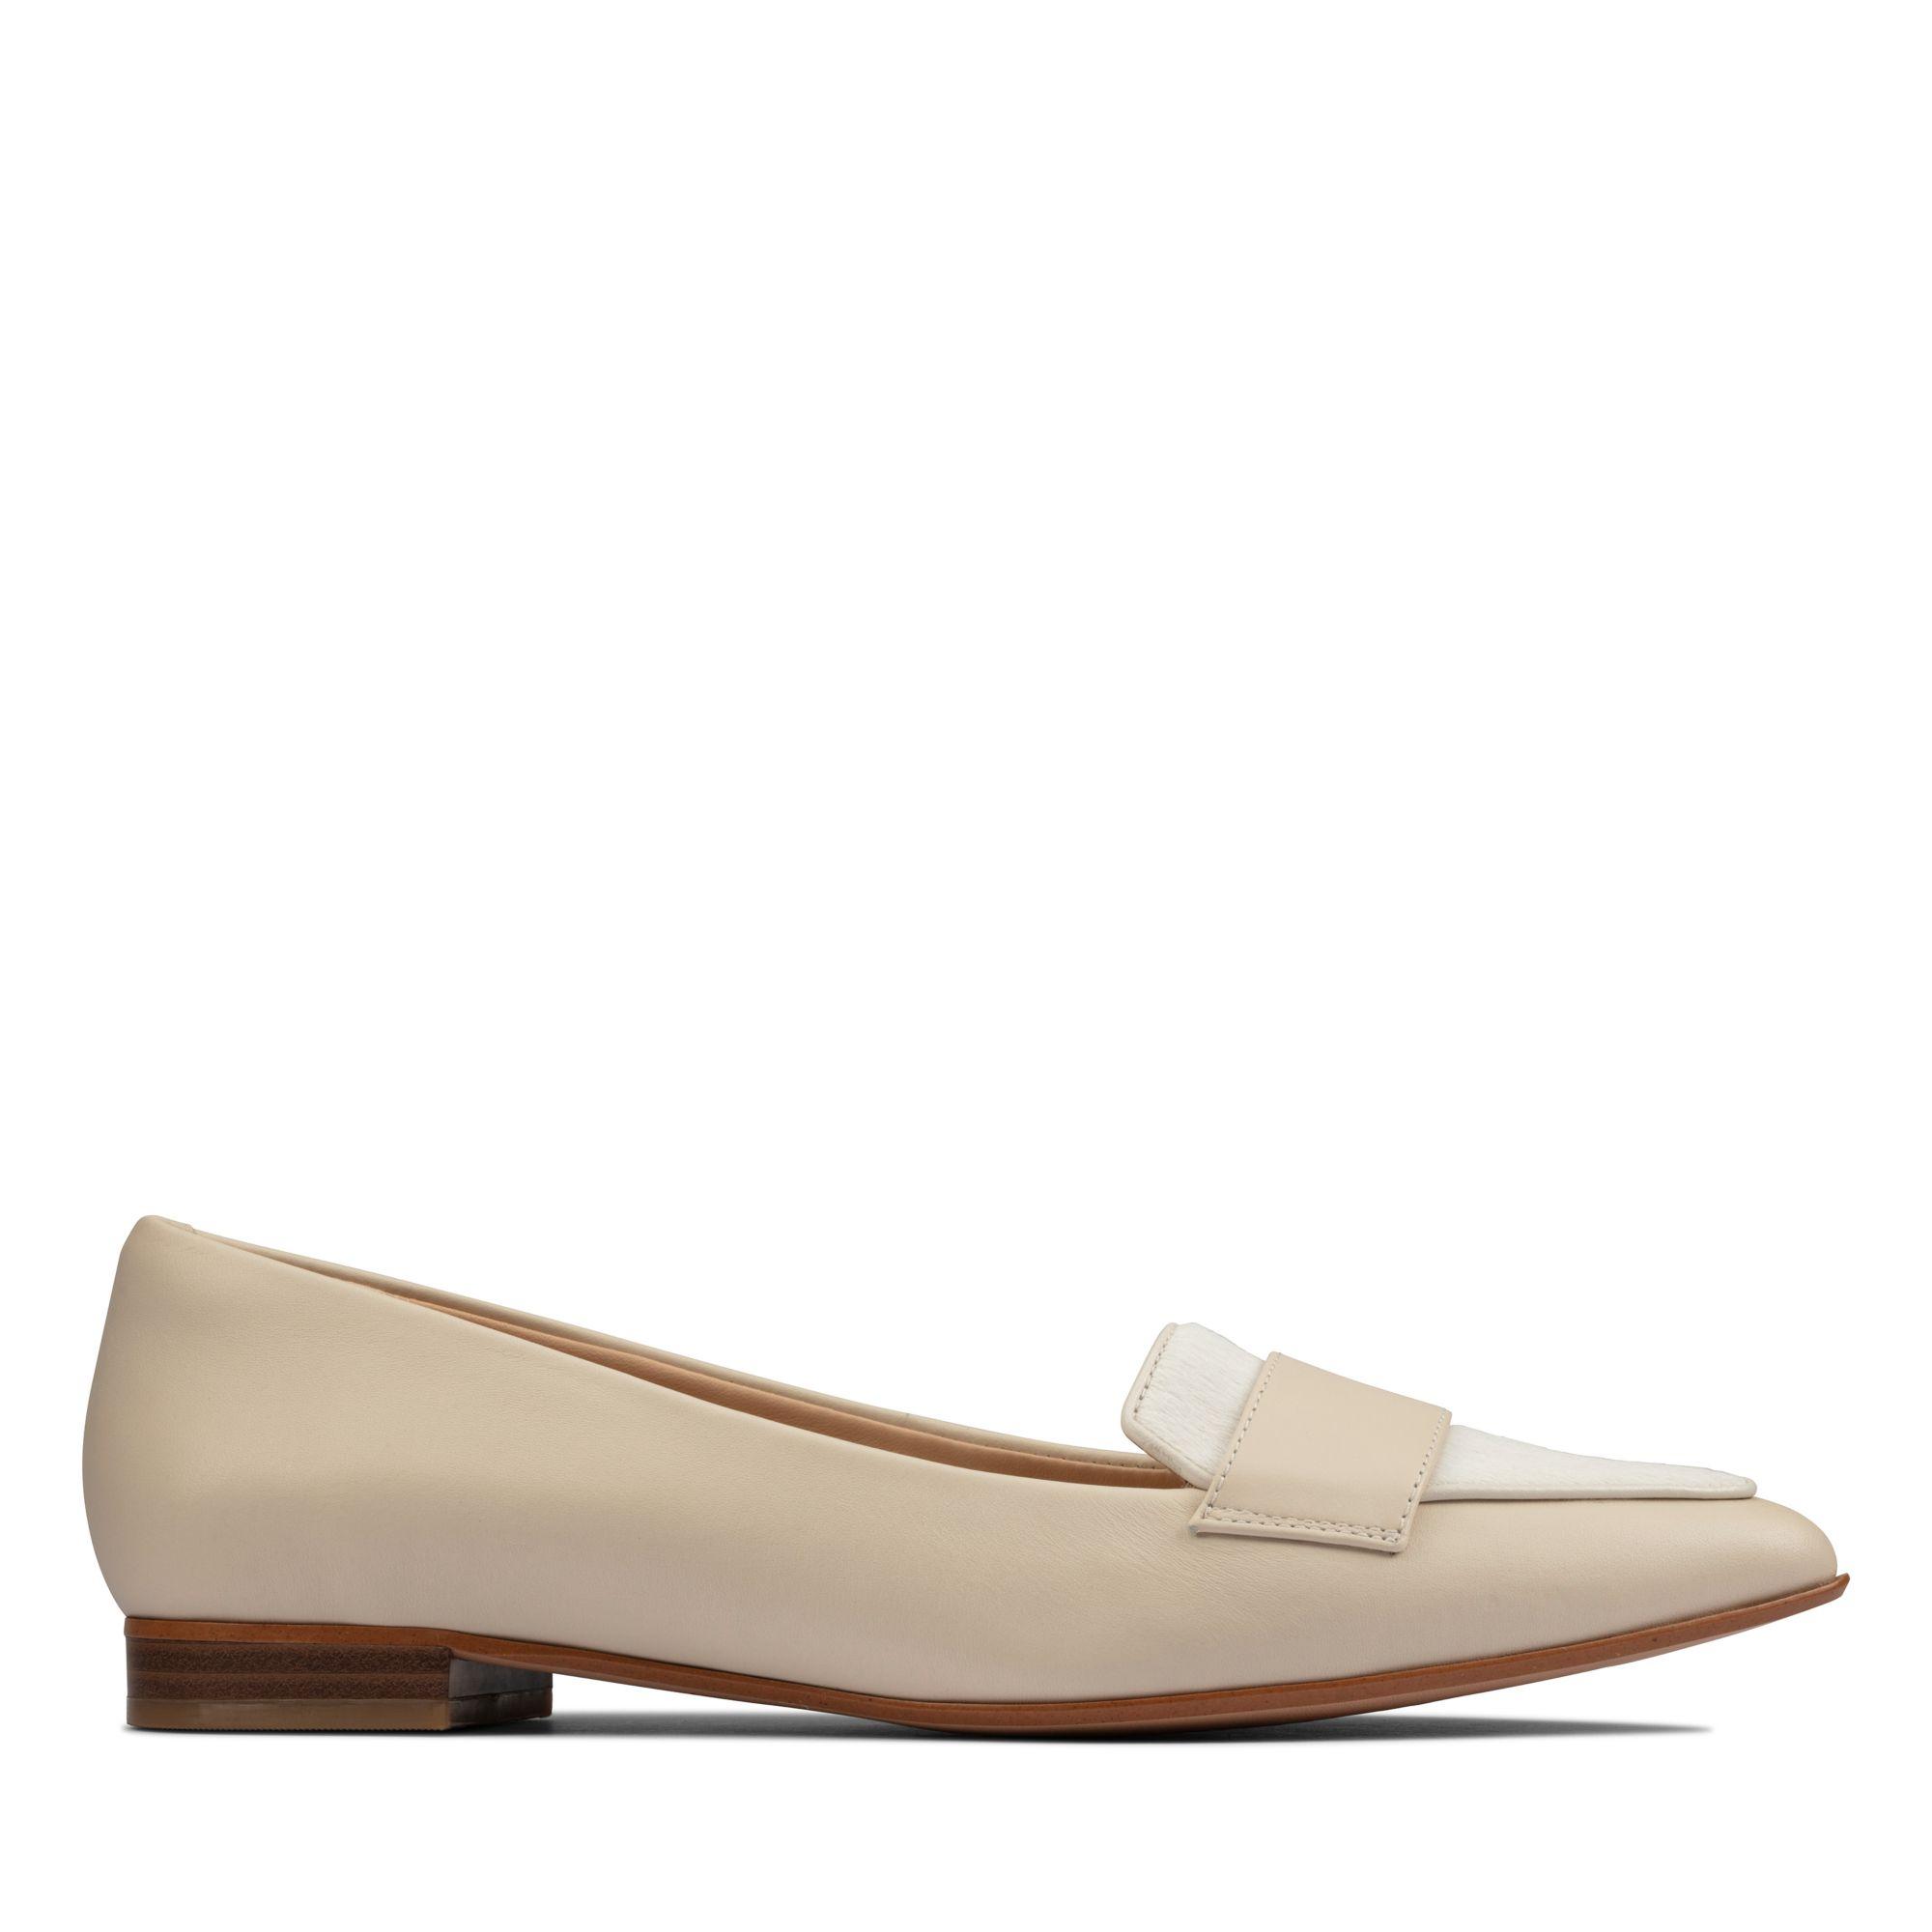 Clarks都會女伶-Laina15Loafer2尖頭樂福鞋(白黃色)